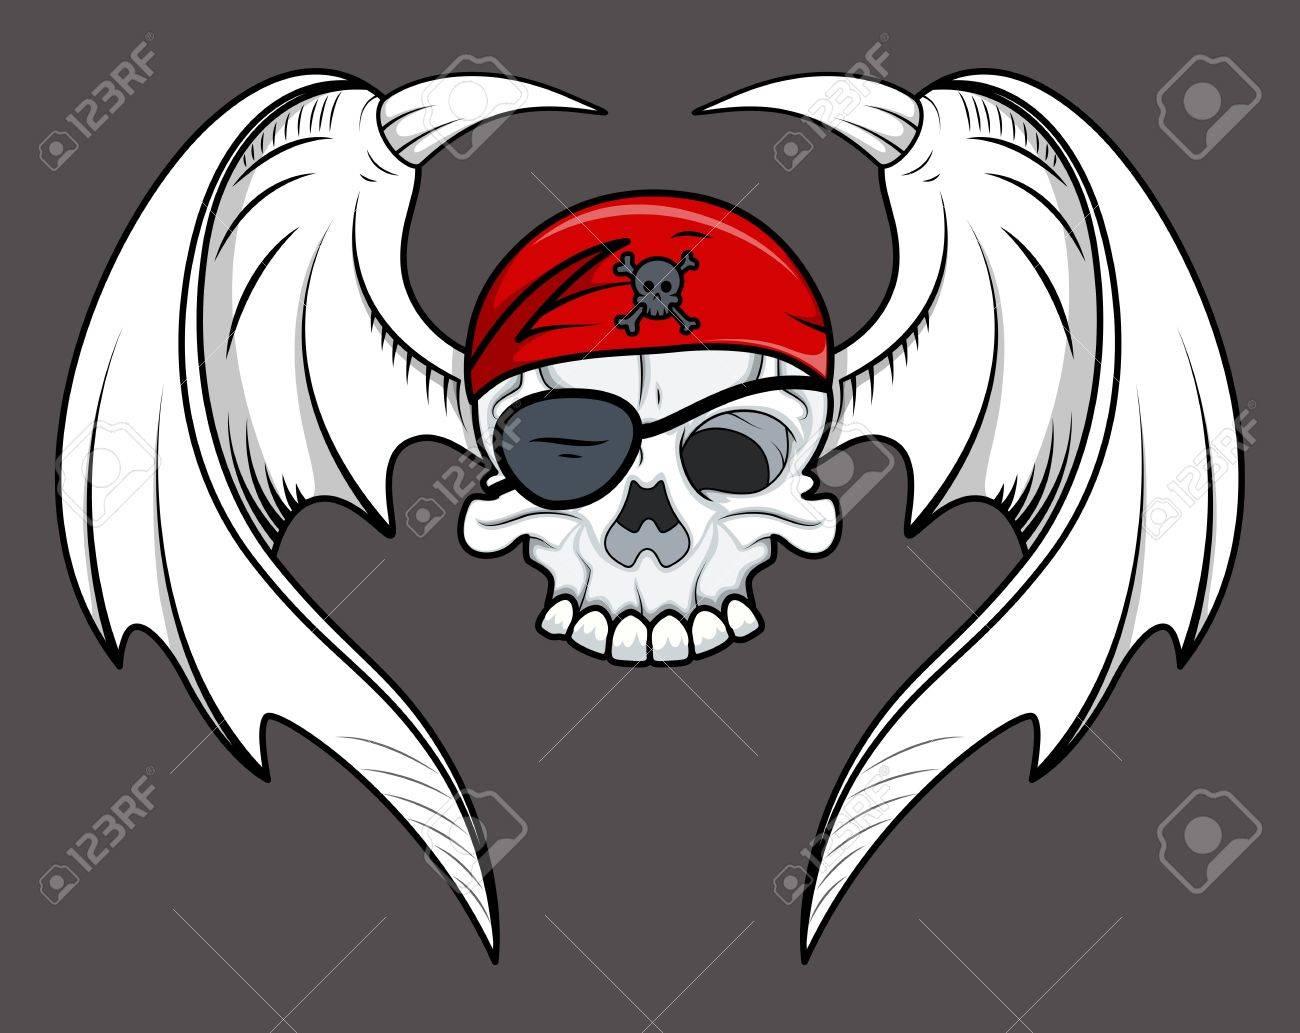 Flying Pirate Skull - Vector Cartoon Illustration Stock Vector - 21505571